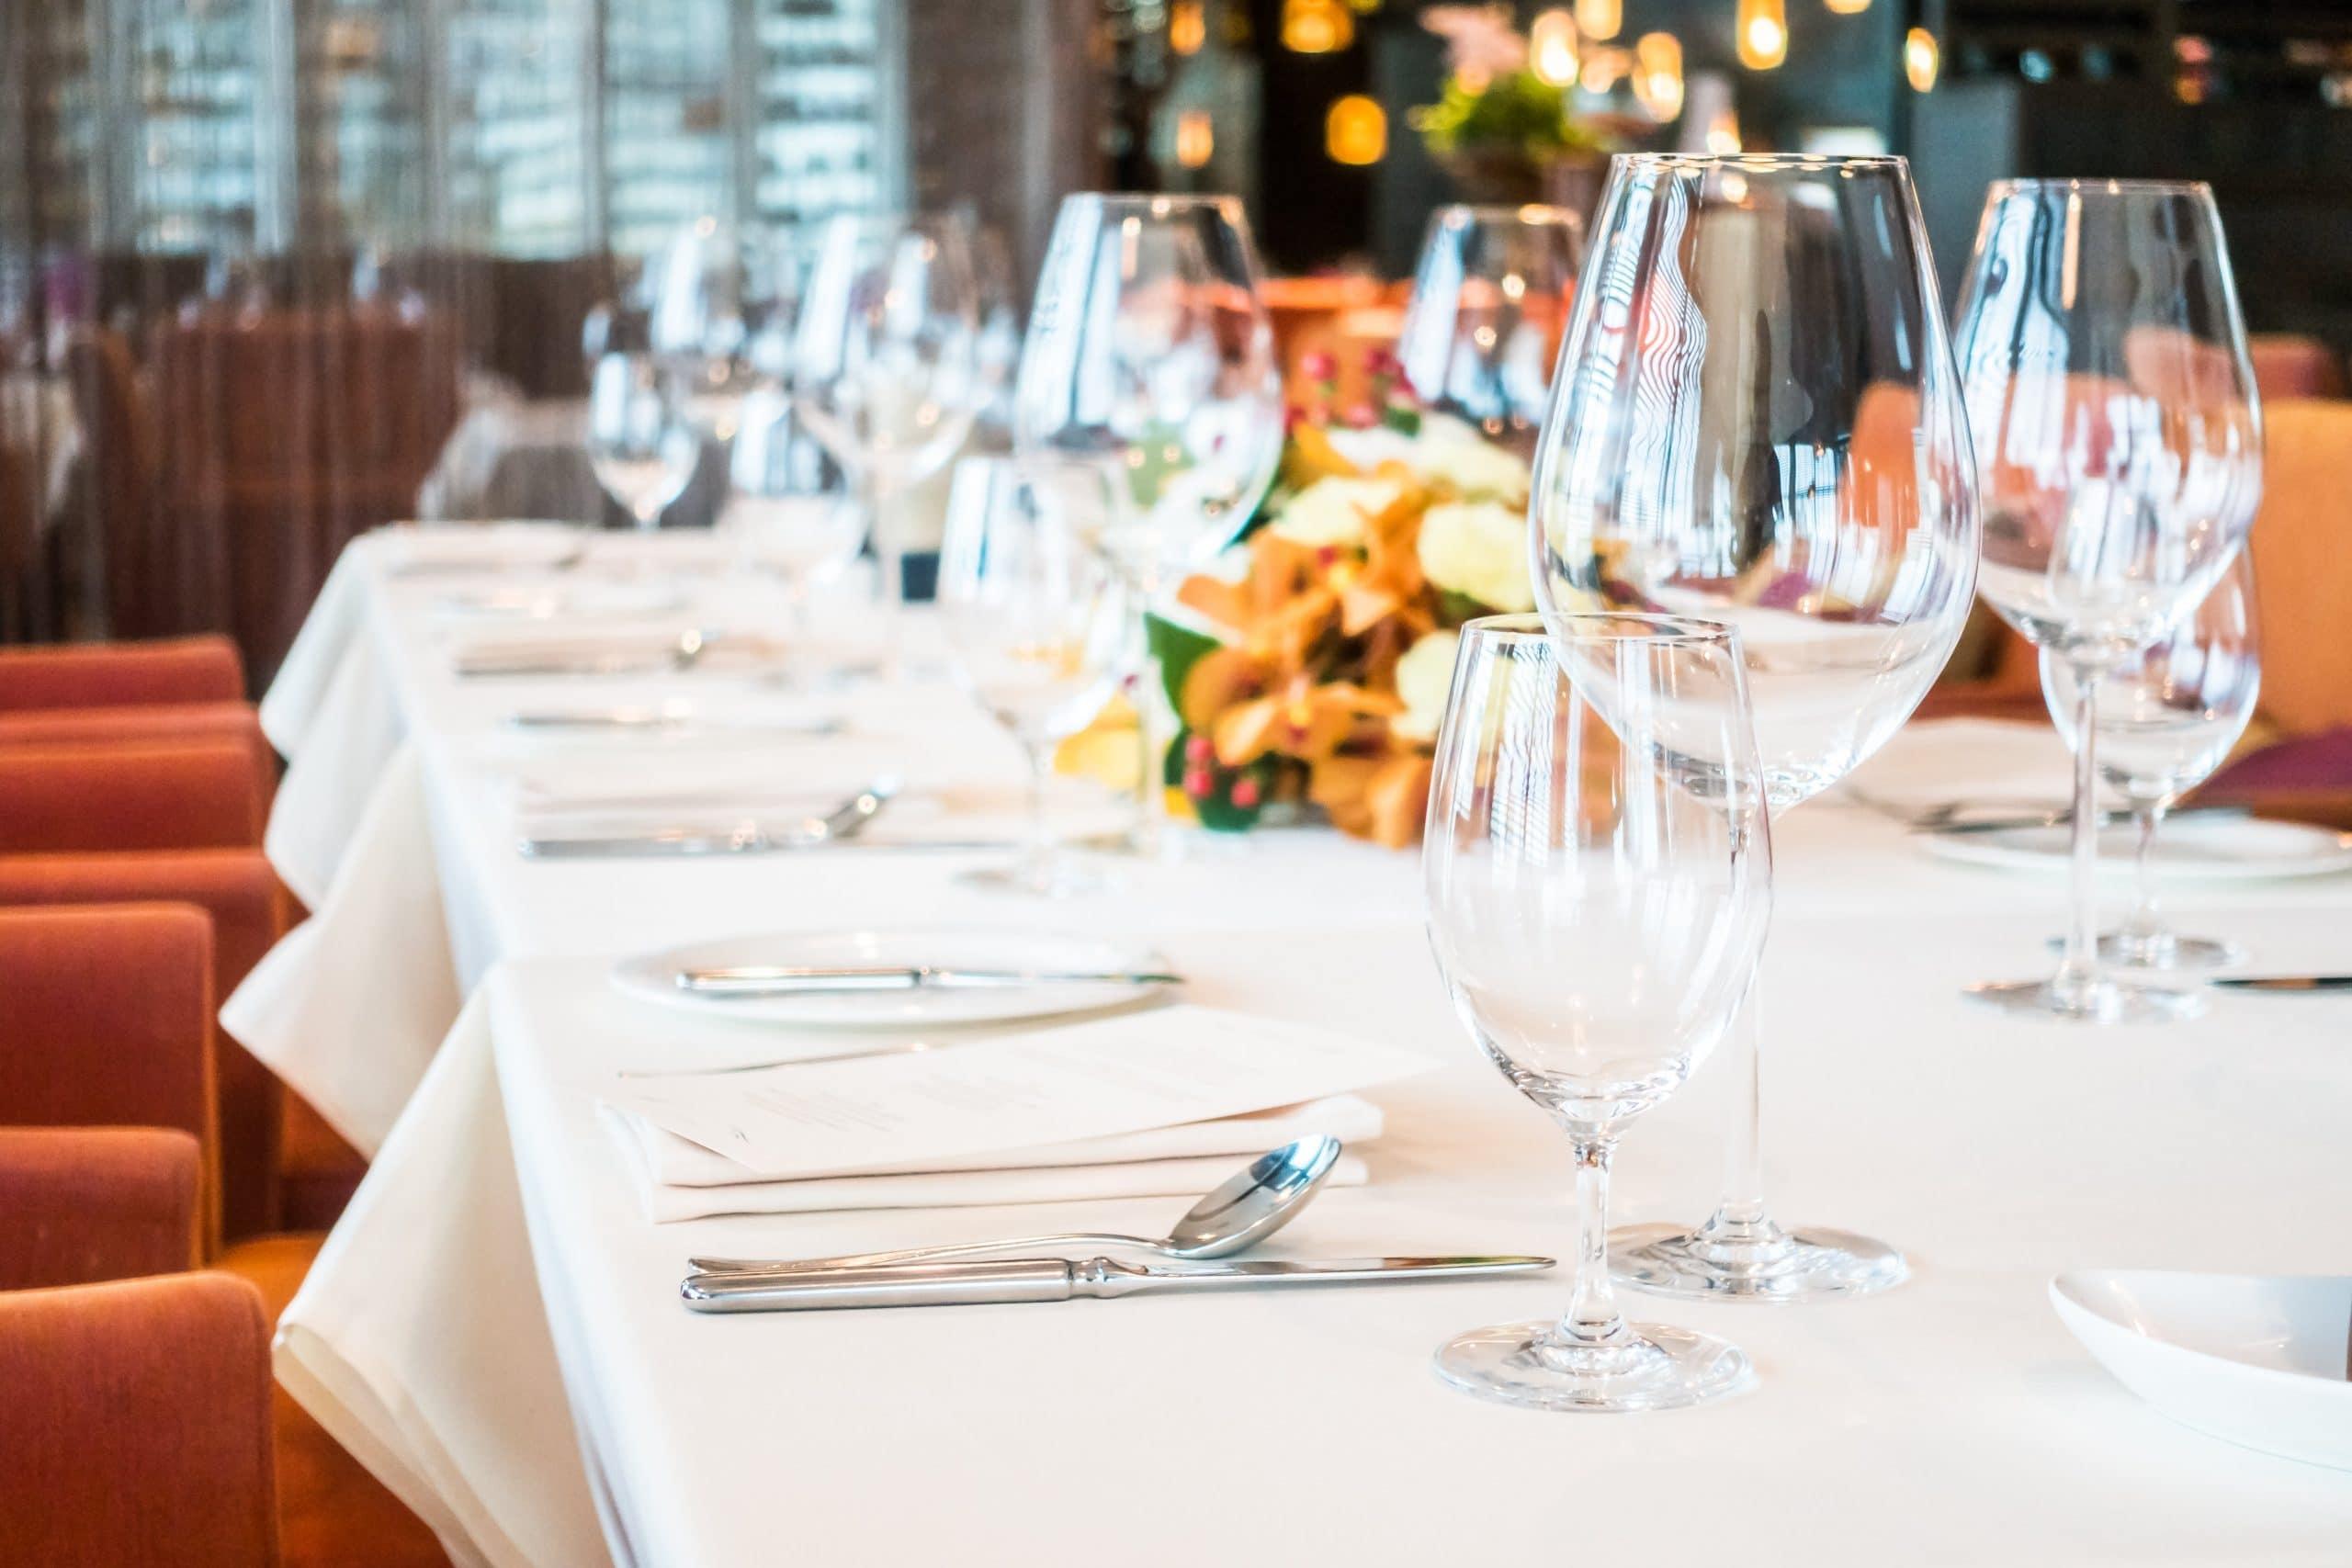 Soirée, diner pour déguster des produits originaux et locaux Table avec verres à vin, couvert, fleurs.